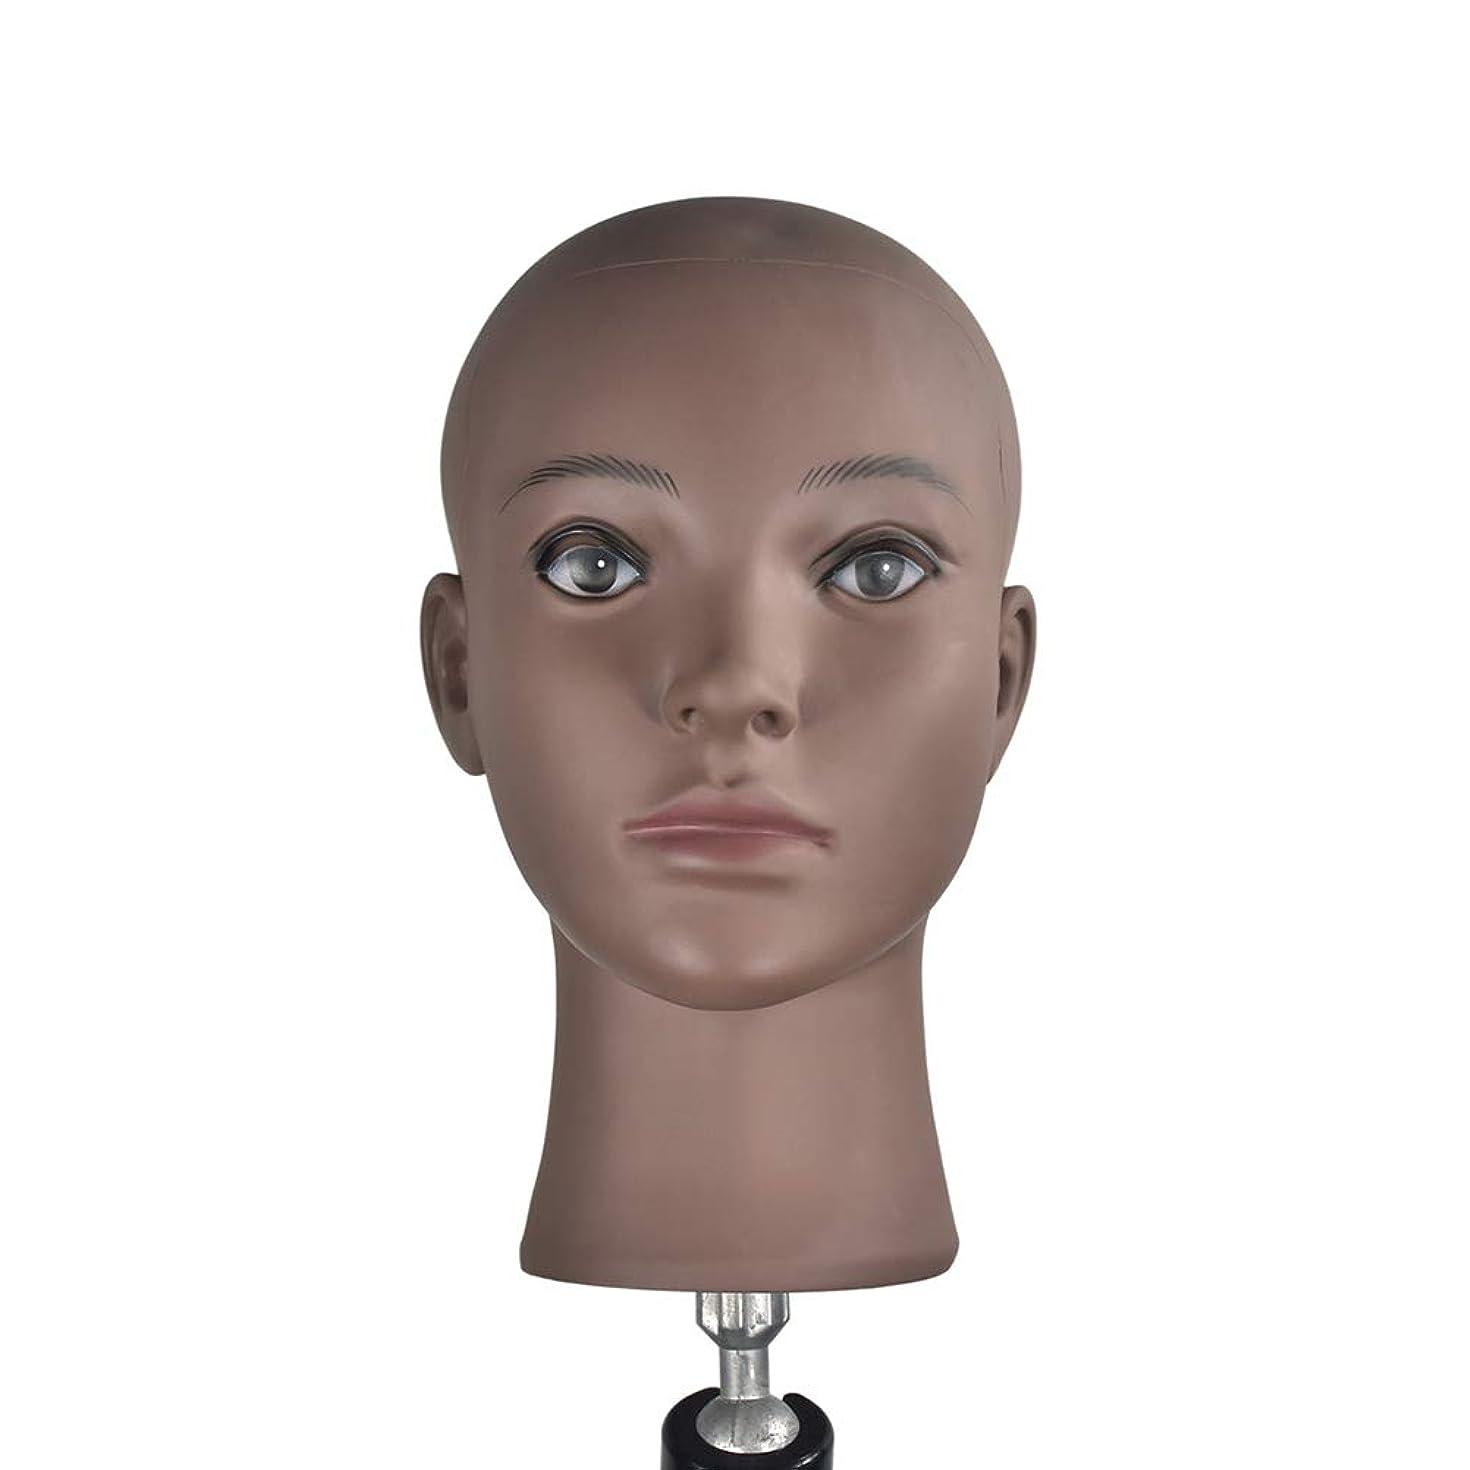 突き出す相関する子羊Lurrose マネキンヘッドハゲ女性マネキンヘッド美容トレーニングヘッド用かつら作り帽子帽子飾り展